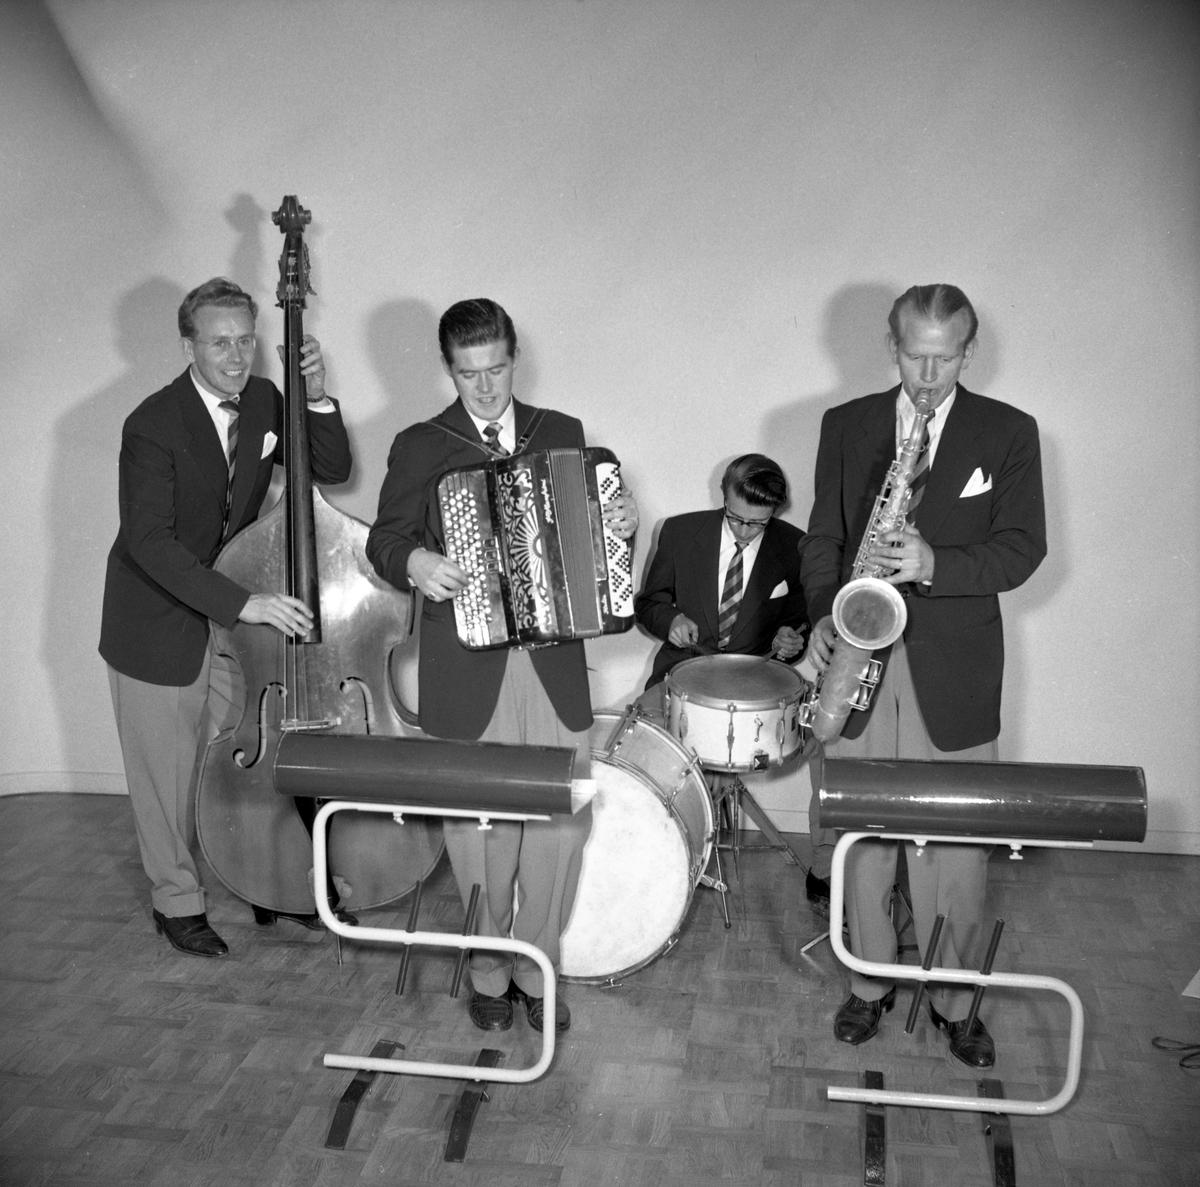 Okänt musikkapell framför fotografen den 21 september 1954. På negativkuvertet står herr Jerrefalk som beställare.